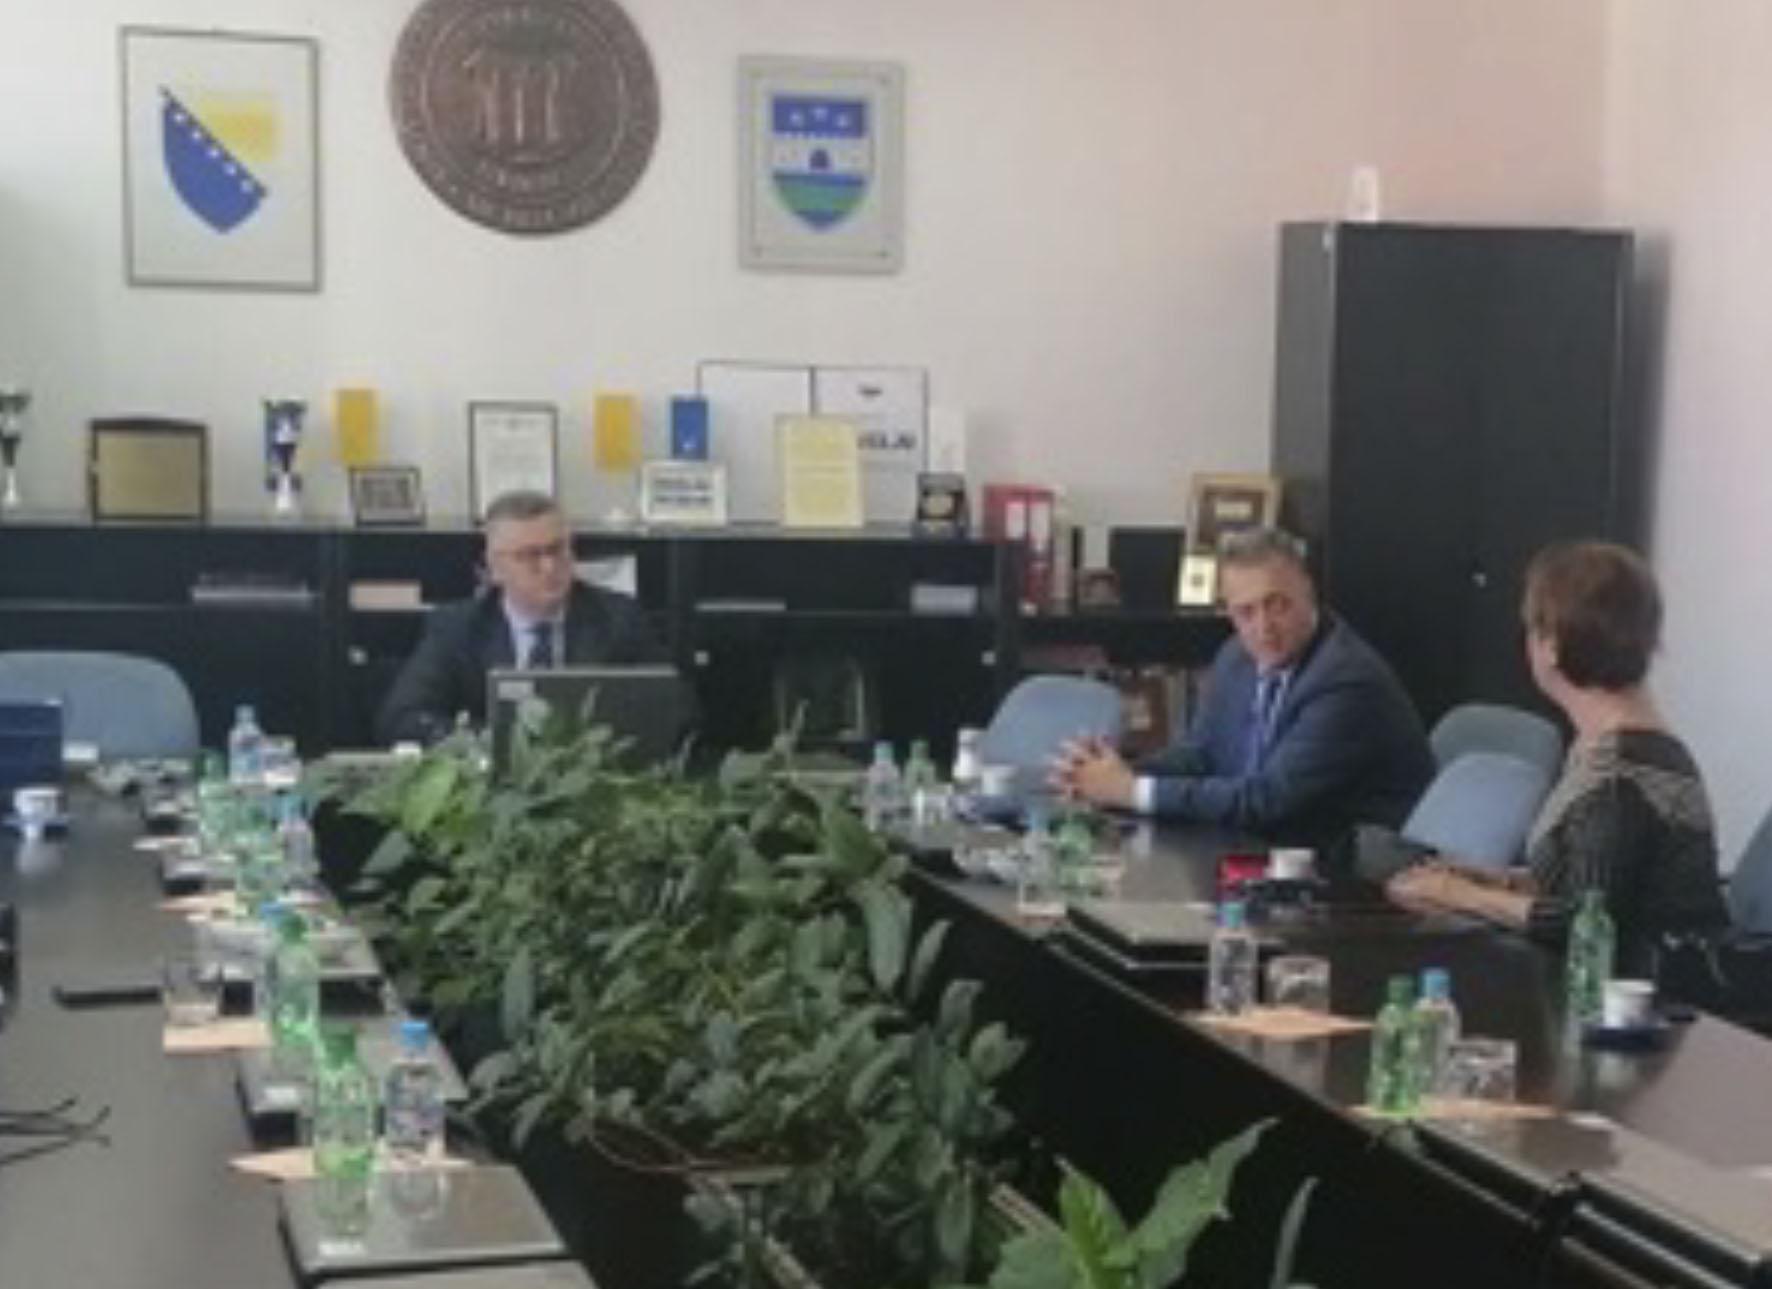 Predstavnici Bošnjačkog instituta iz Sarajeva u posjeti Rektoru Univerziteta u Bihaću